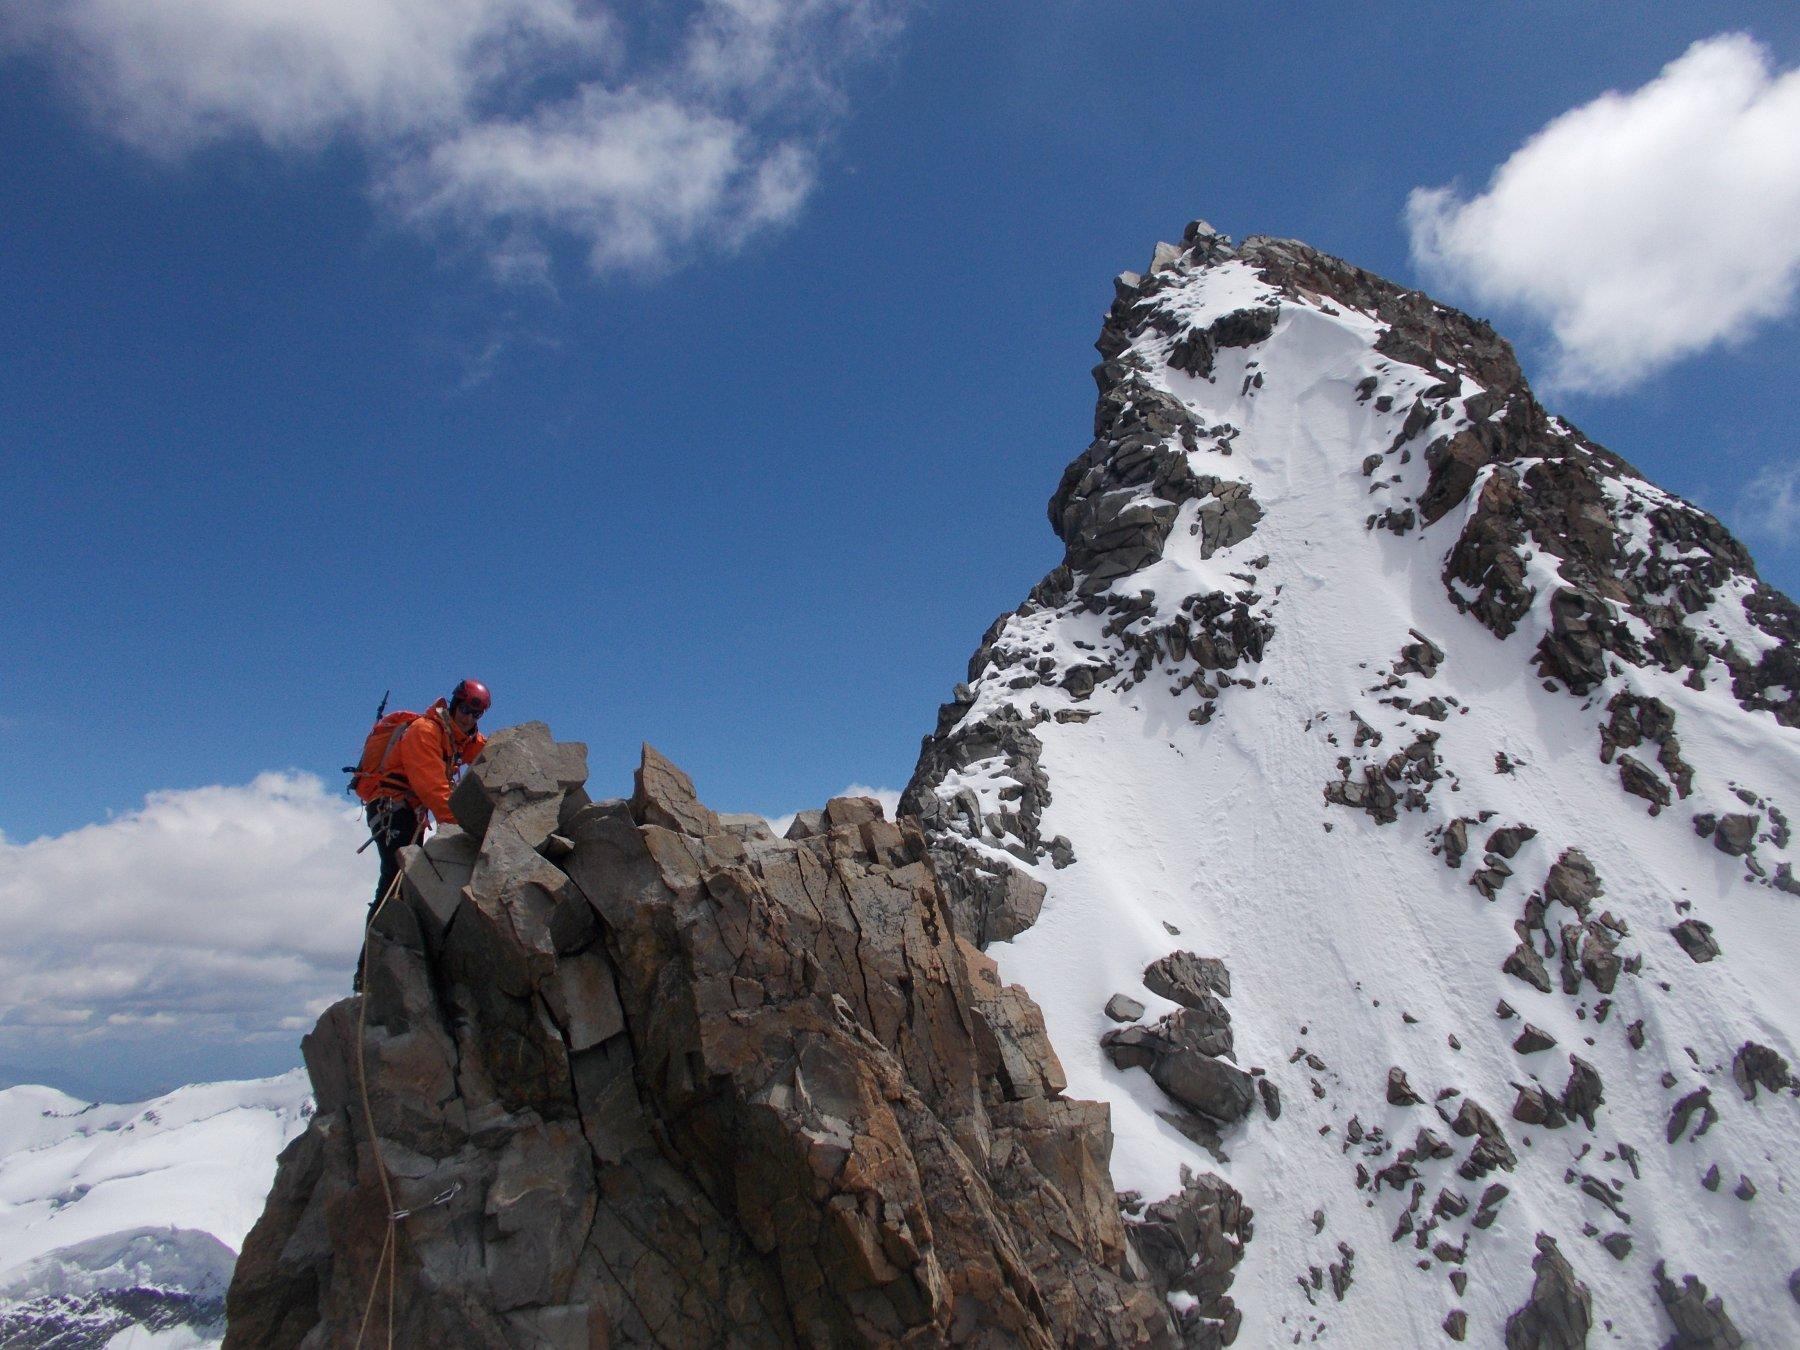 ultime difficolta' su roccia..e ormai vicina imponente sulla dx la vetta Svizzera..